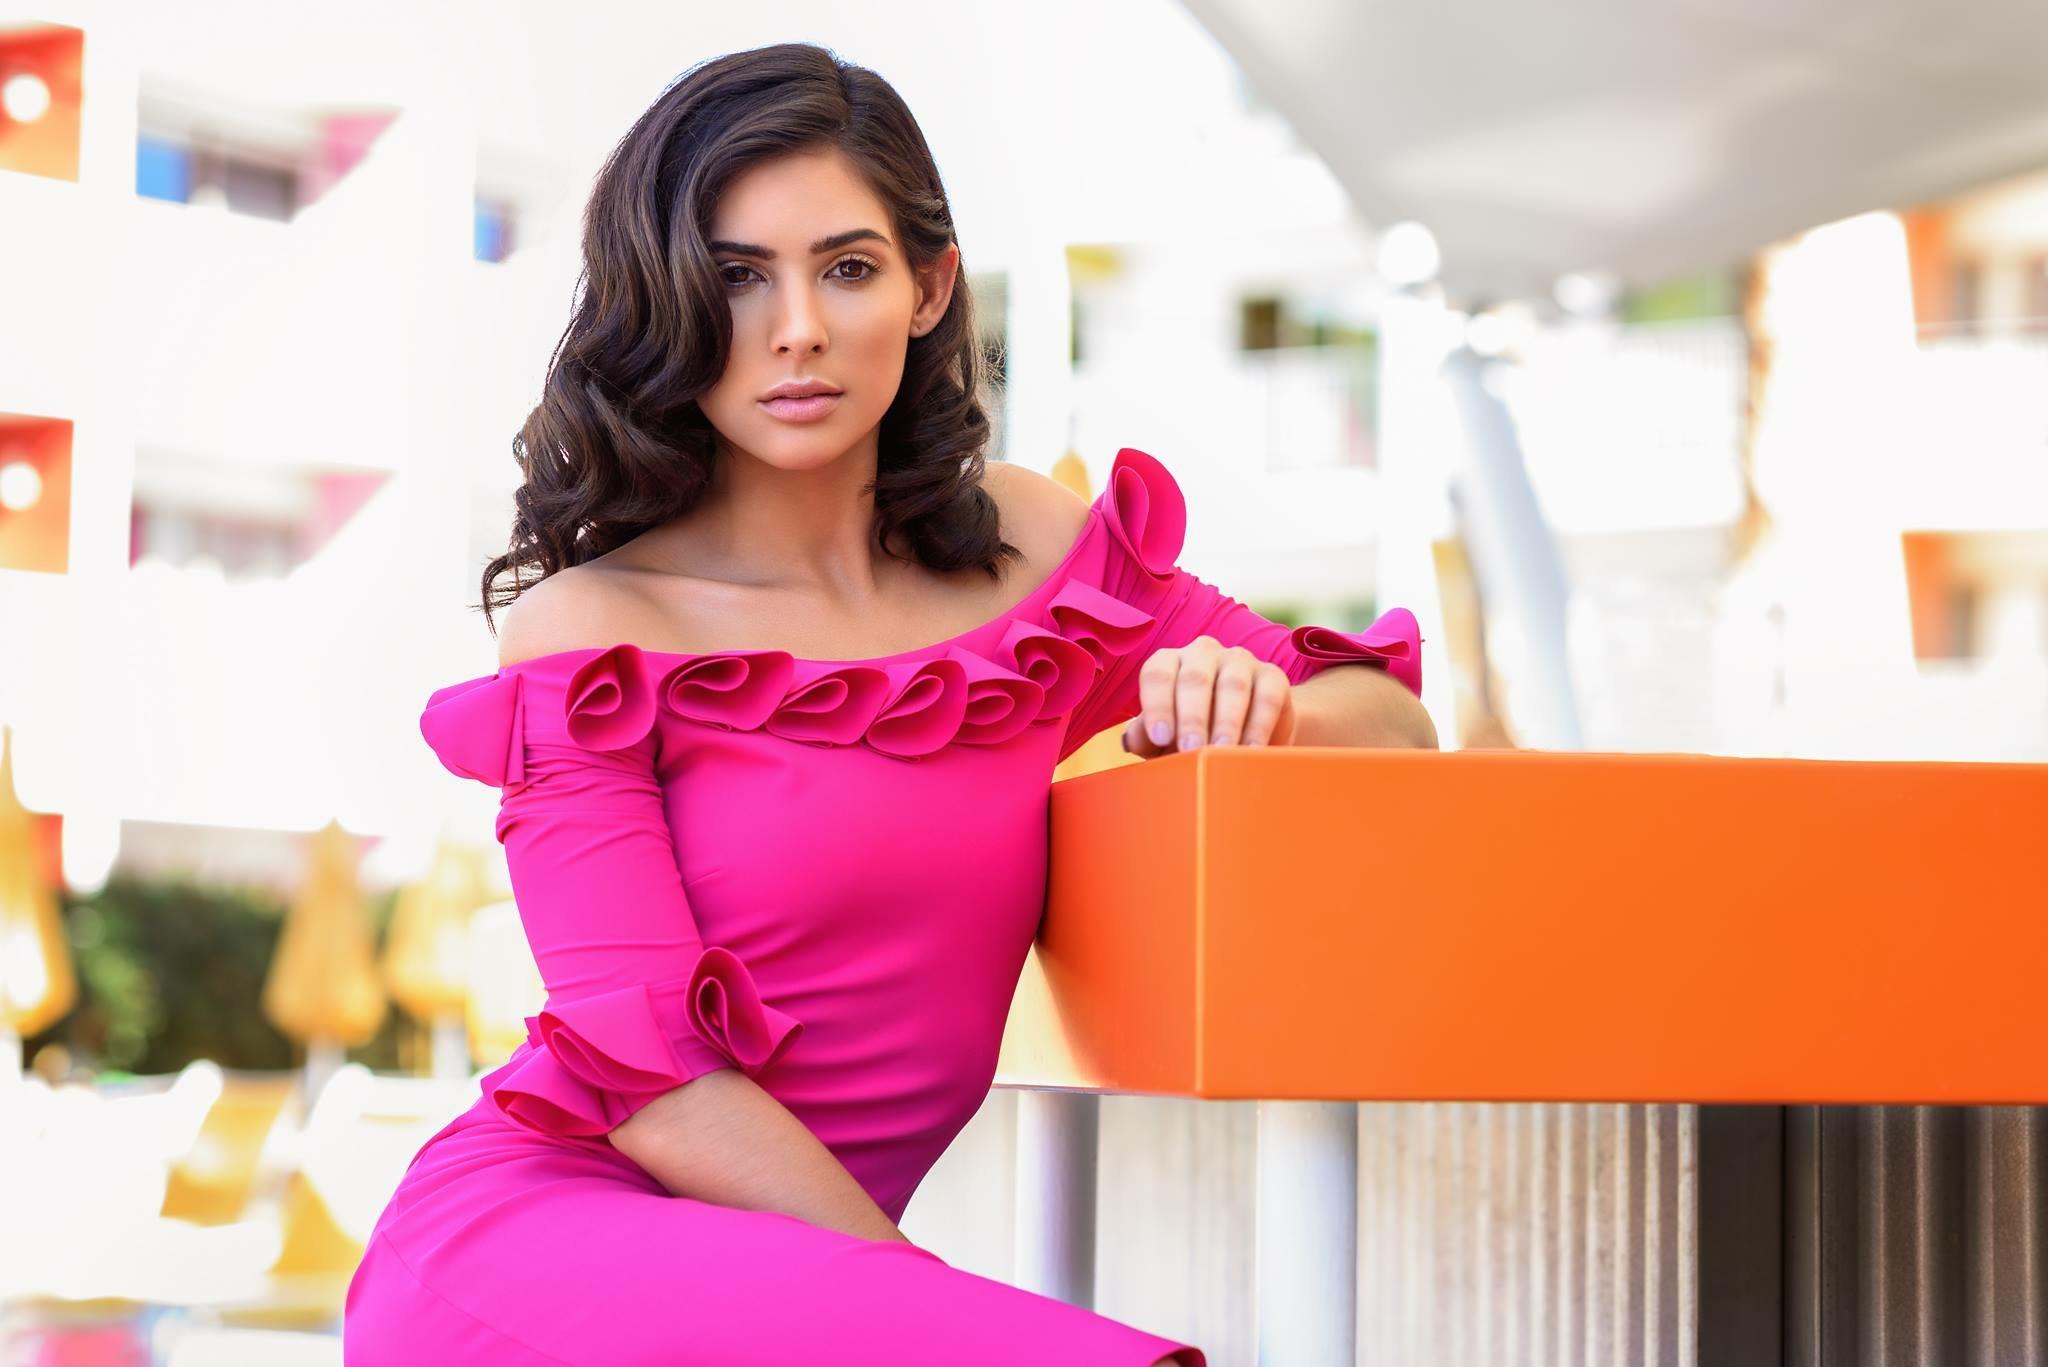 Camila Banus - Days of Our Lives